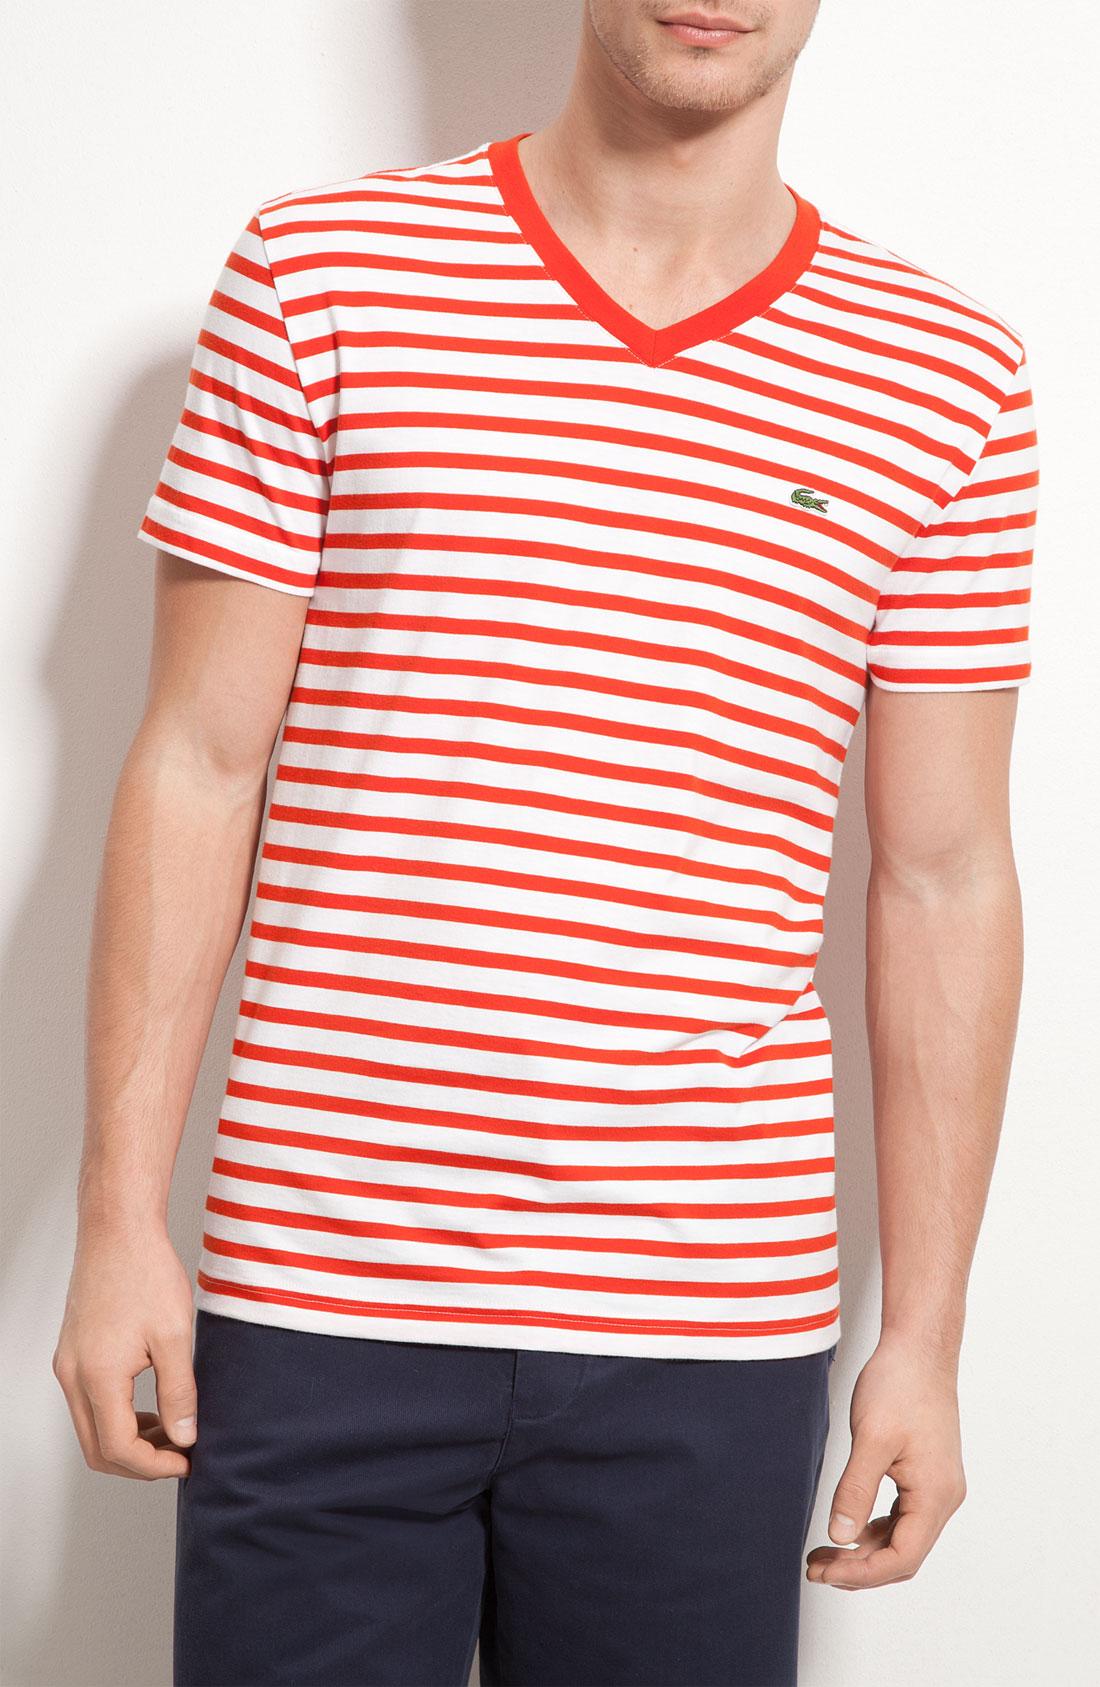 lacoste stripe v neck t shirt in white for men agave red. Black Bedroom Furniture Sets. Home Design Ideas